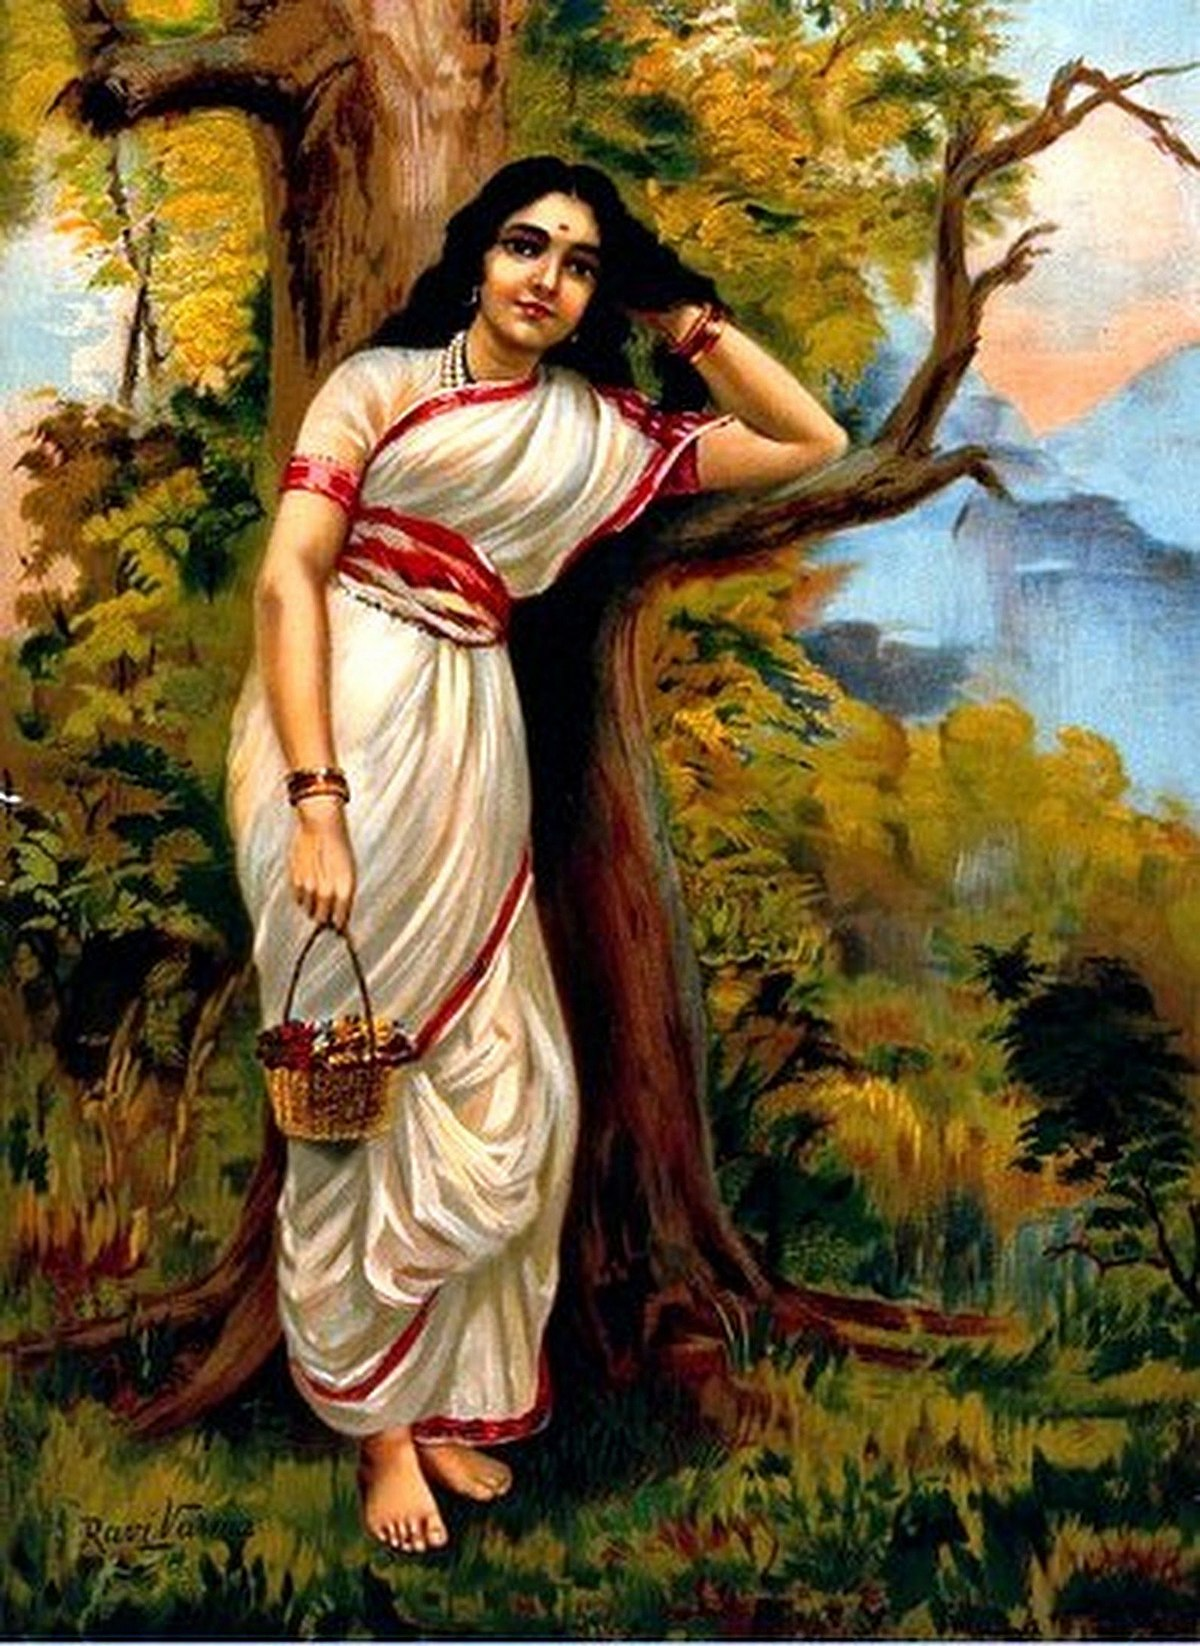 அகலிகை - தமிழ் விக்கிப்பீடியா